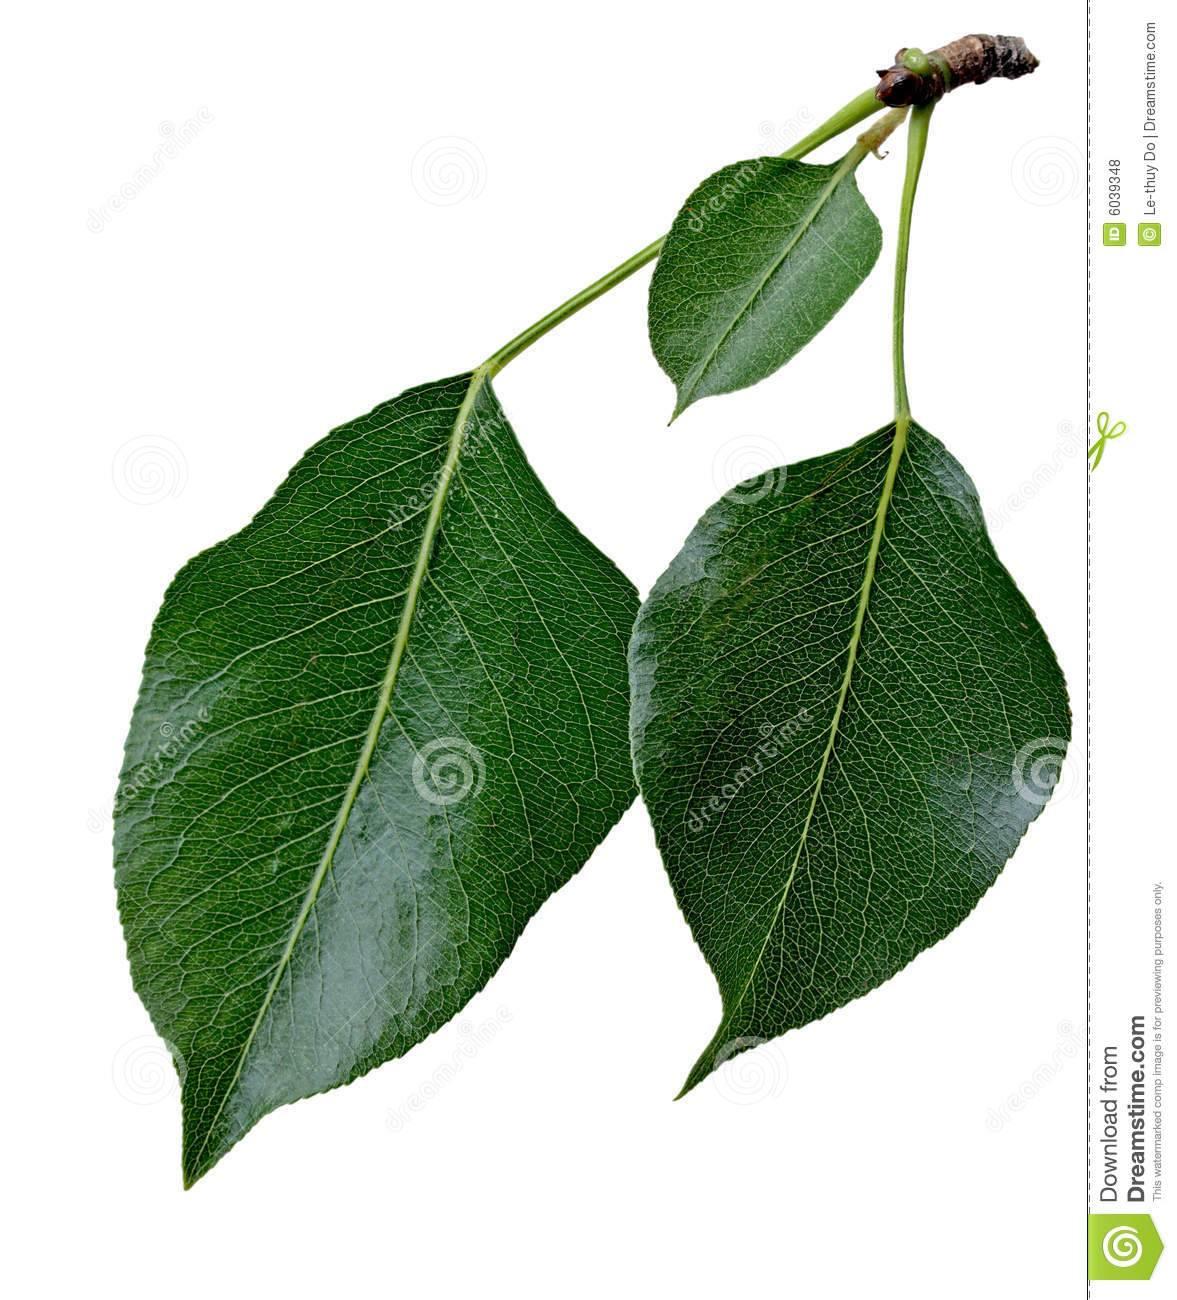 Дерево груша: фото и описание сортов, посадка, уход, особенности выращивания груши на участке